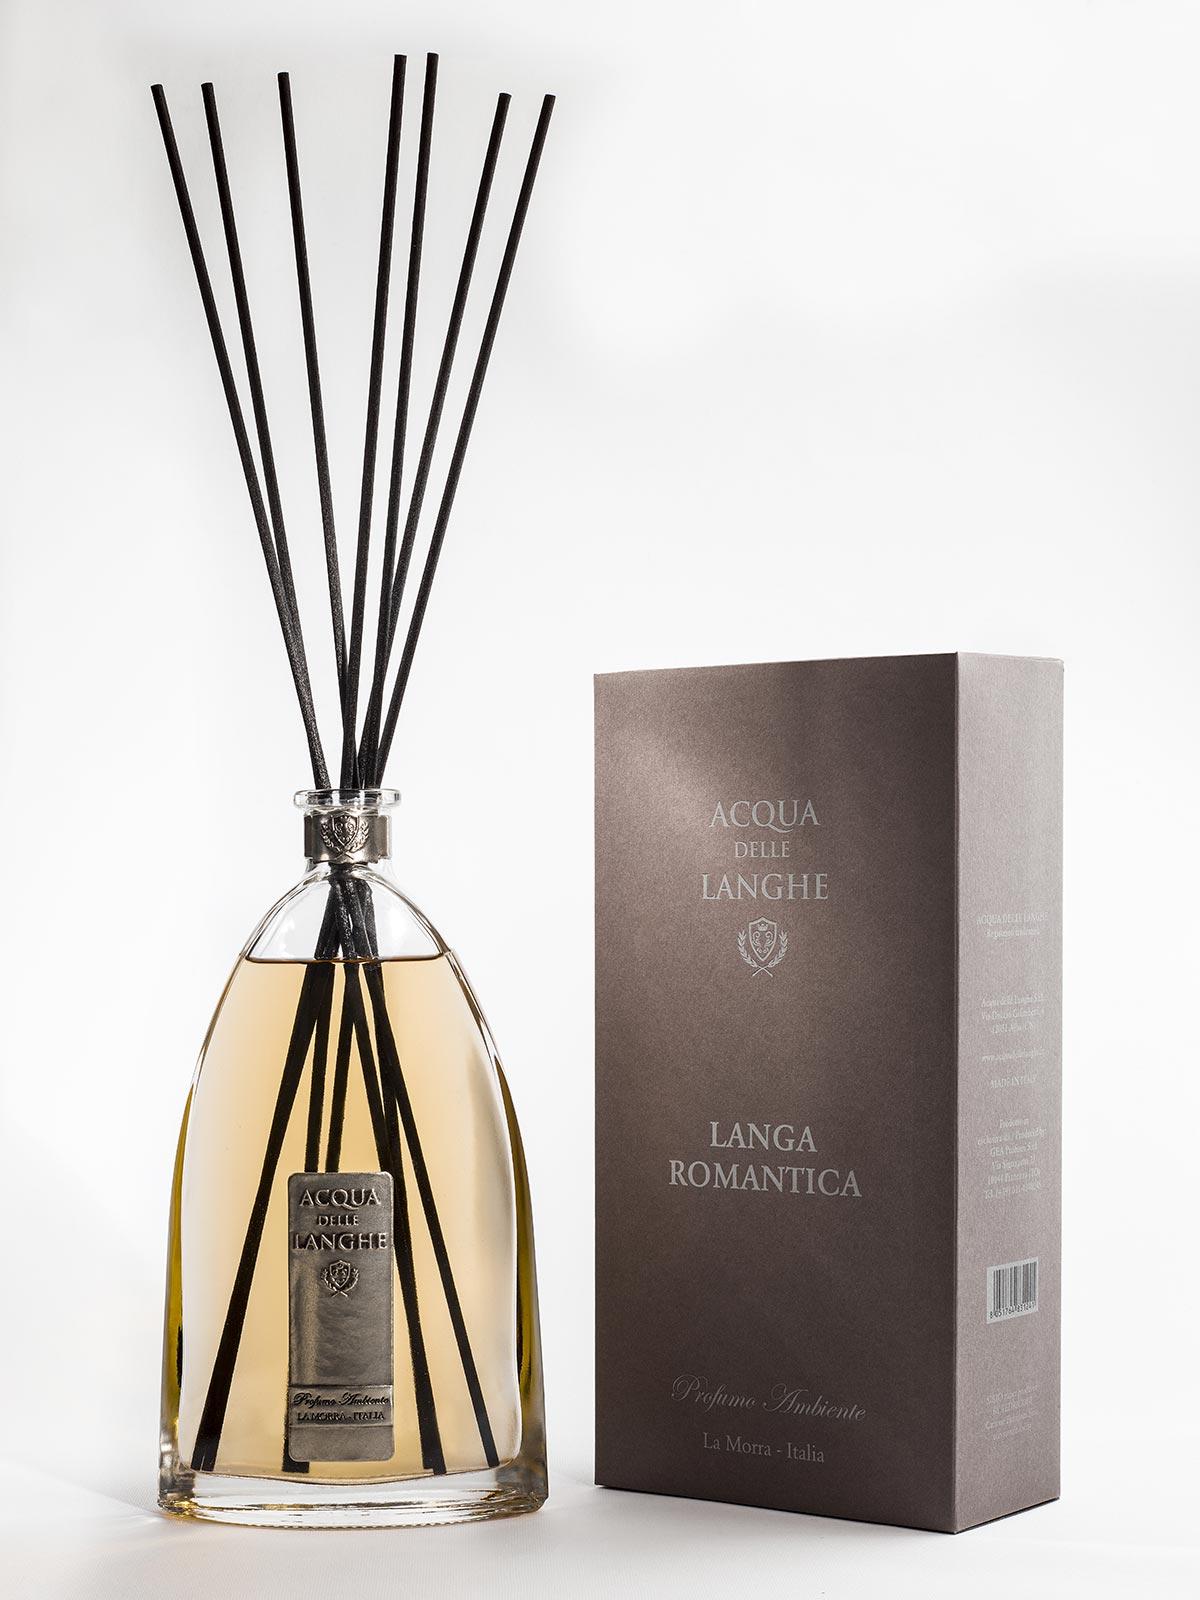 Immagine di ACQUA DELLE LANGHE | Fragranza Langa Romantica 500ml